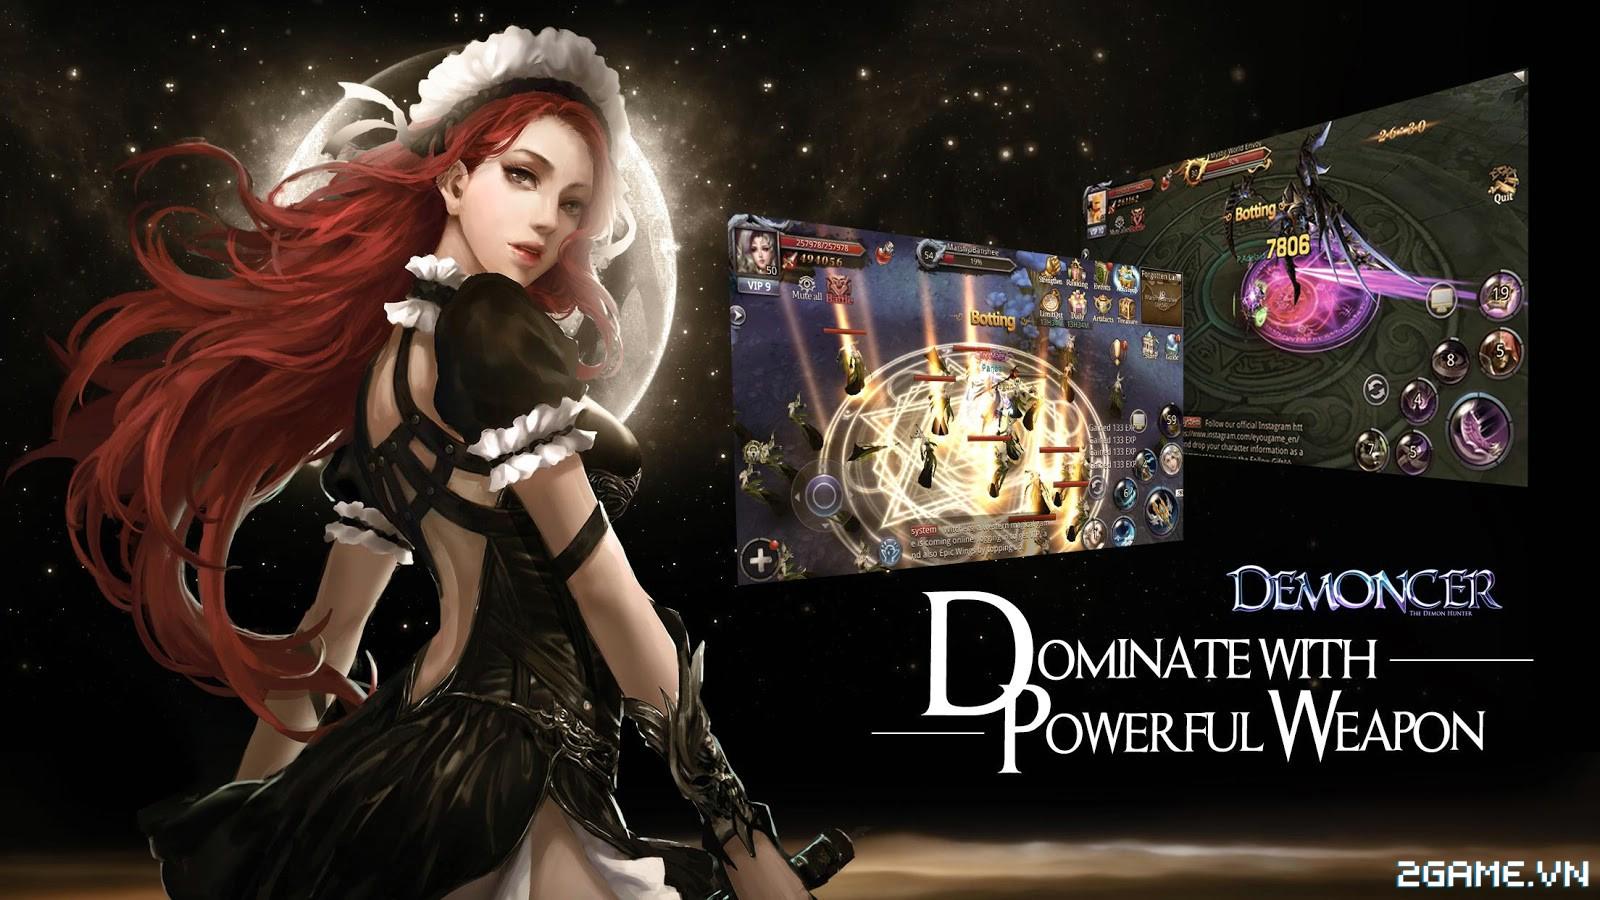 Demoncer: Game nhập vai đầy đủ tính năng dành cho dân ưa cày bừa 3